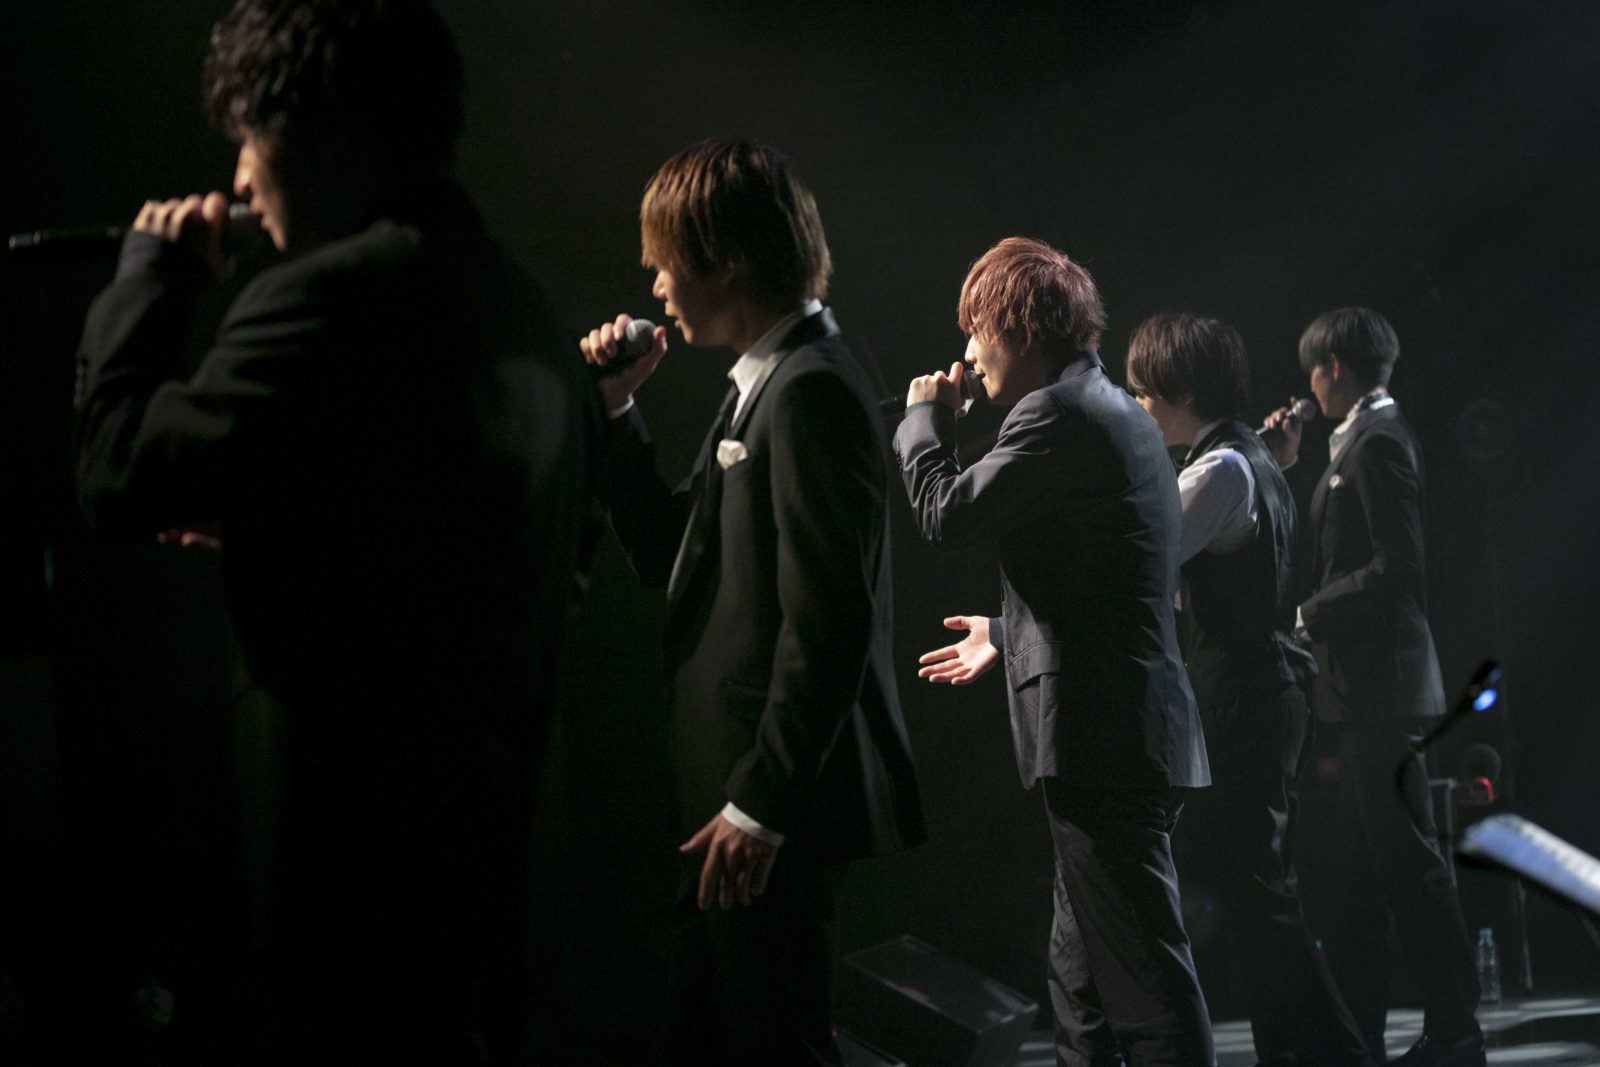 CUBERS、人気シリーズのバンドを従えた「踊らないワンマン」新春に開催決定サムネイル画像